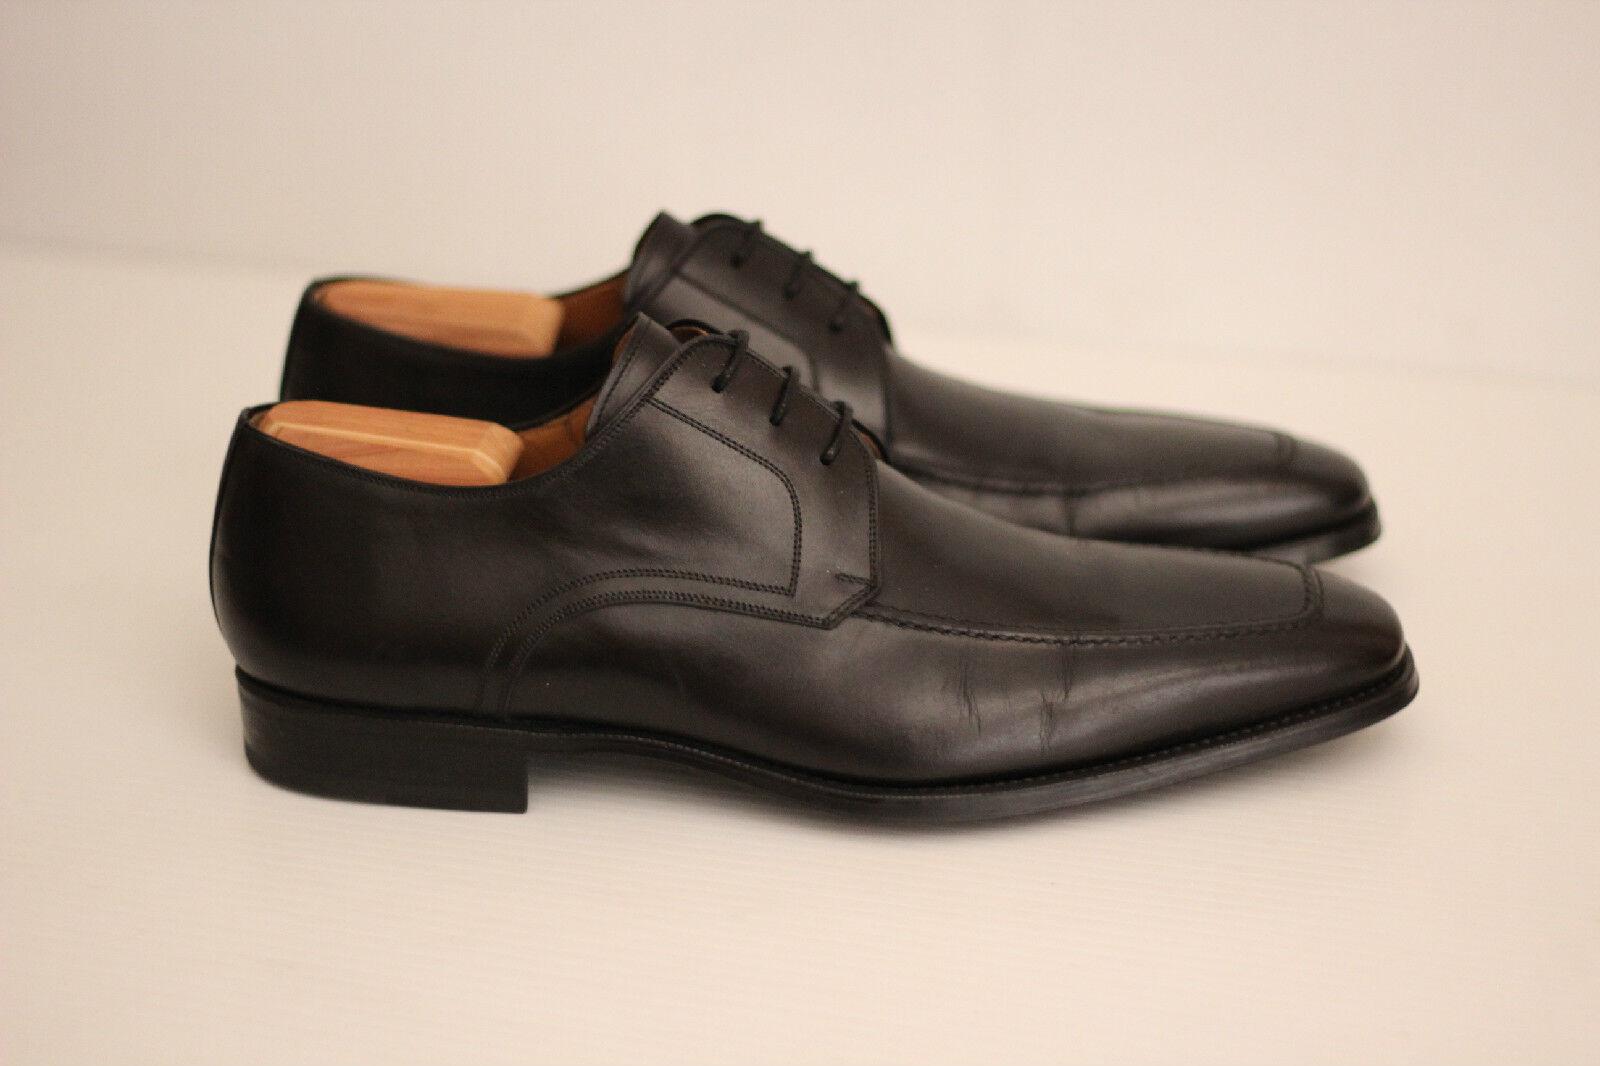 prezzi all'ingrosso Magnanni 'Pardo' Derby Derby Derby - nero Leather - 13 M - 13723  (S13)  risposta prima volta